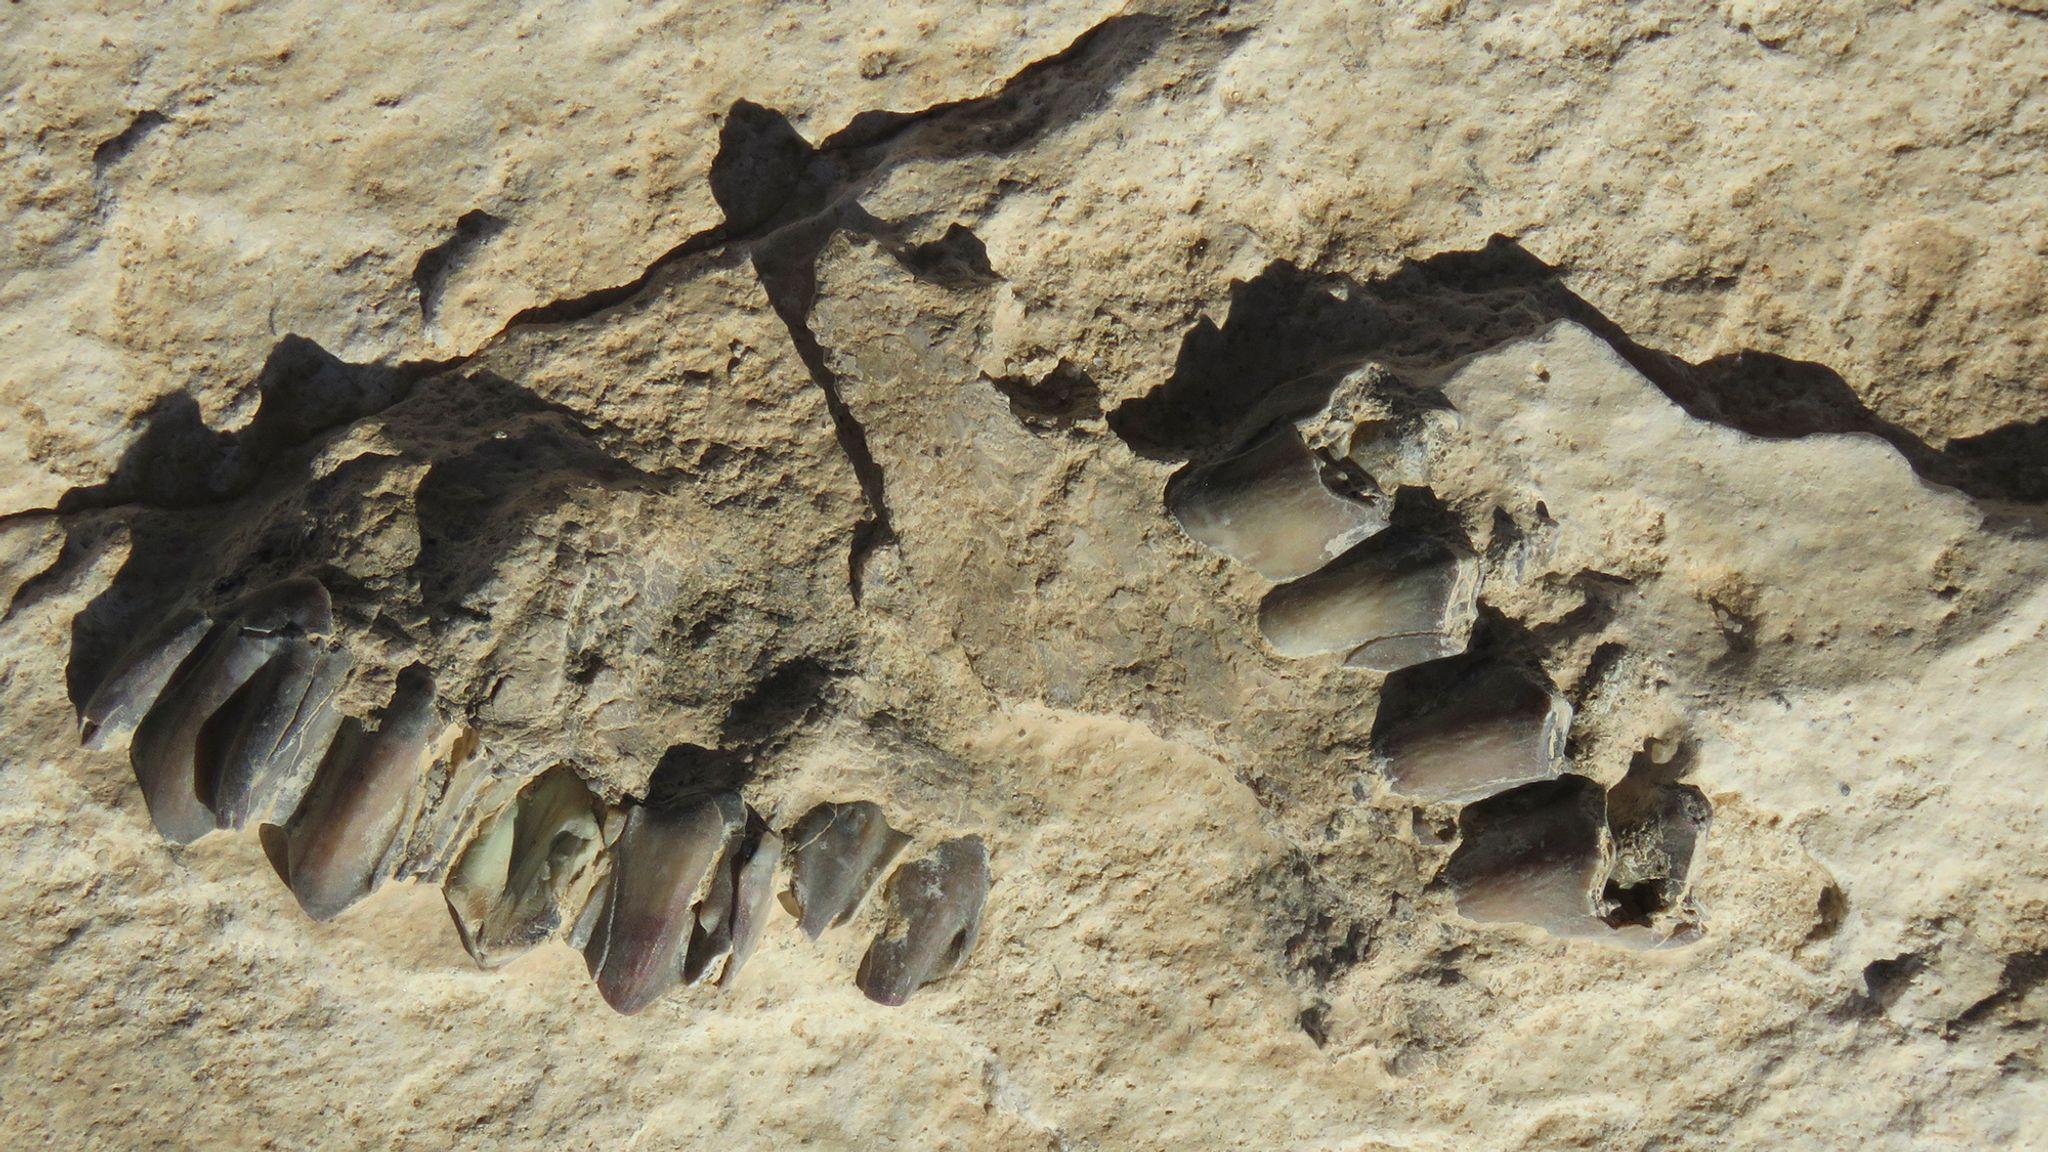 العثور على آثار أقدام بشرية في شبه الجزيرة العربية يعود تاريخها 120 ألف عام - اكتشاف آثار أقدام بشرية وحيوانية قديمة في صحراء النفود